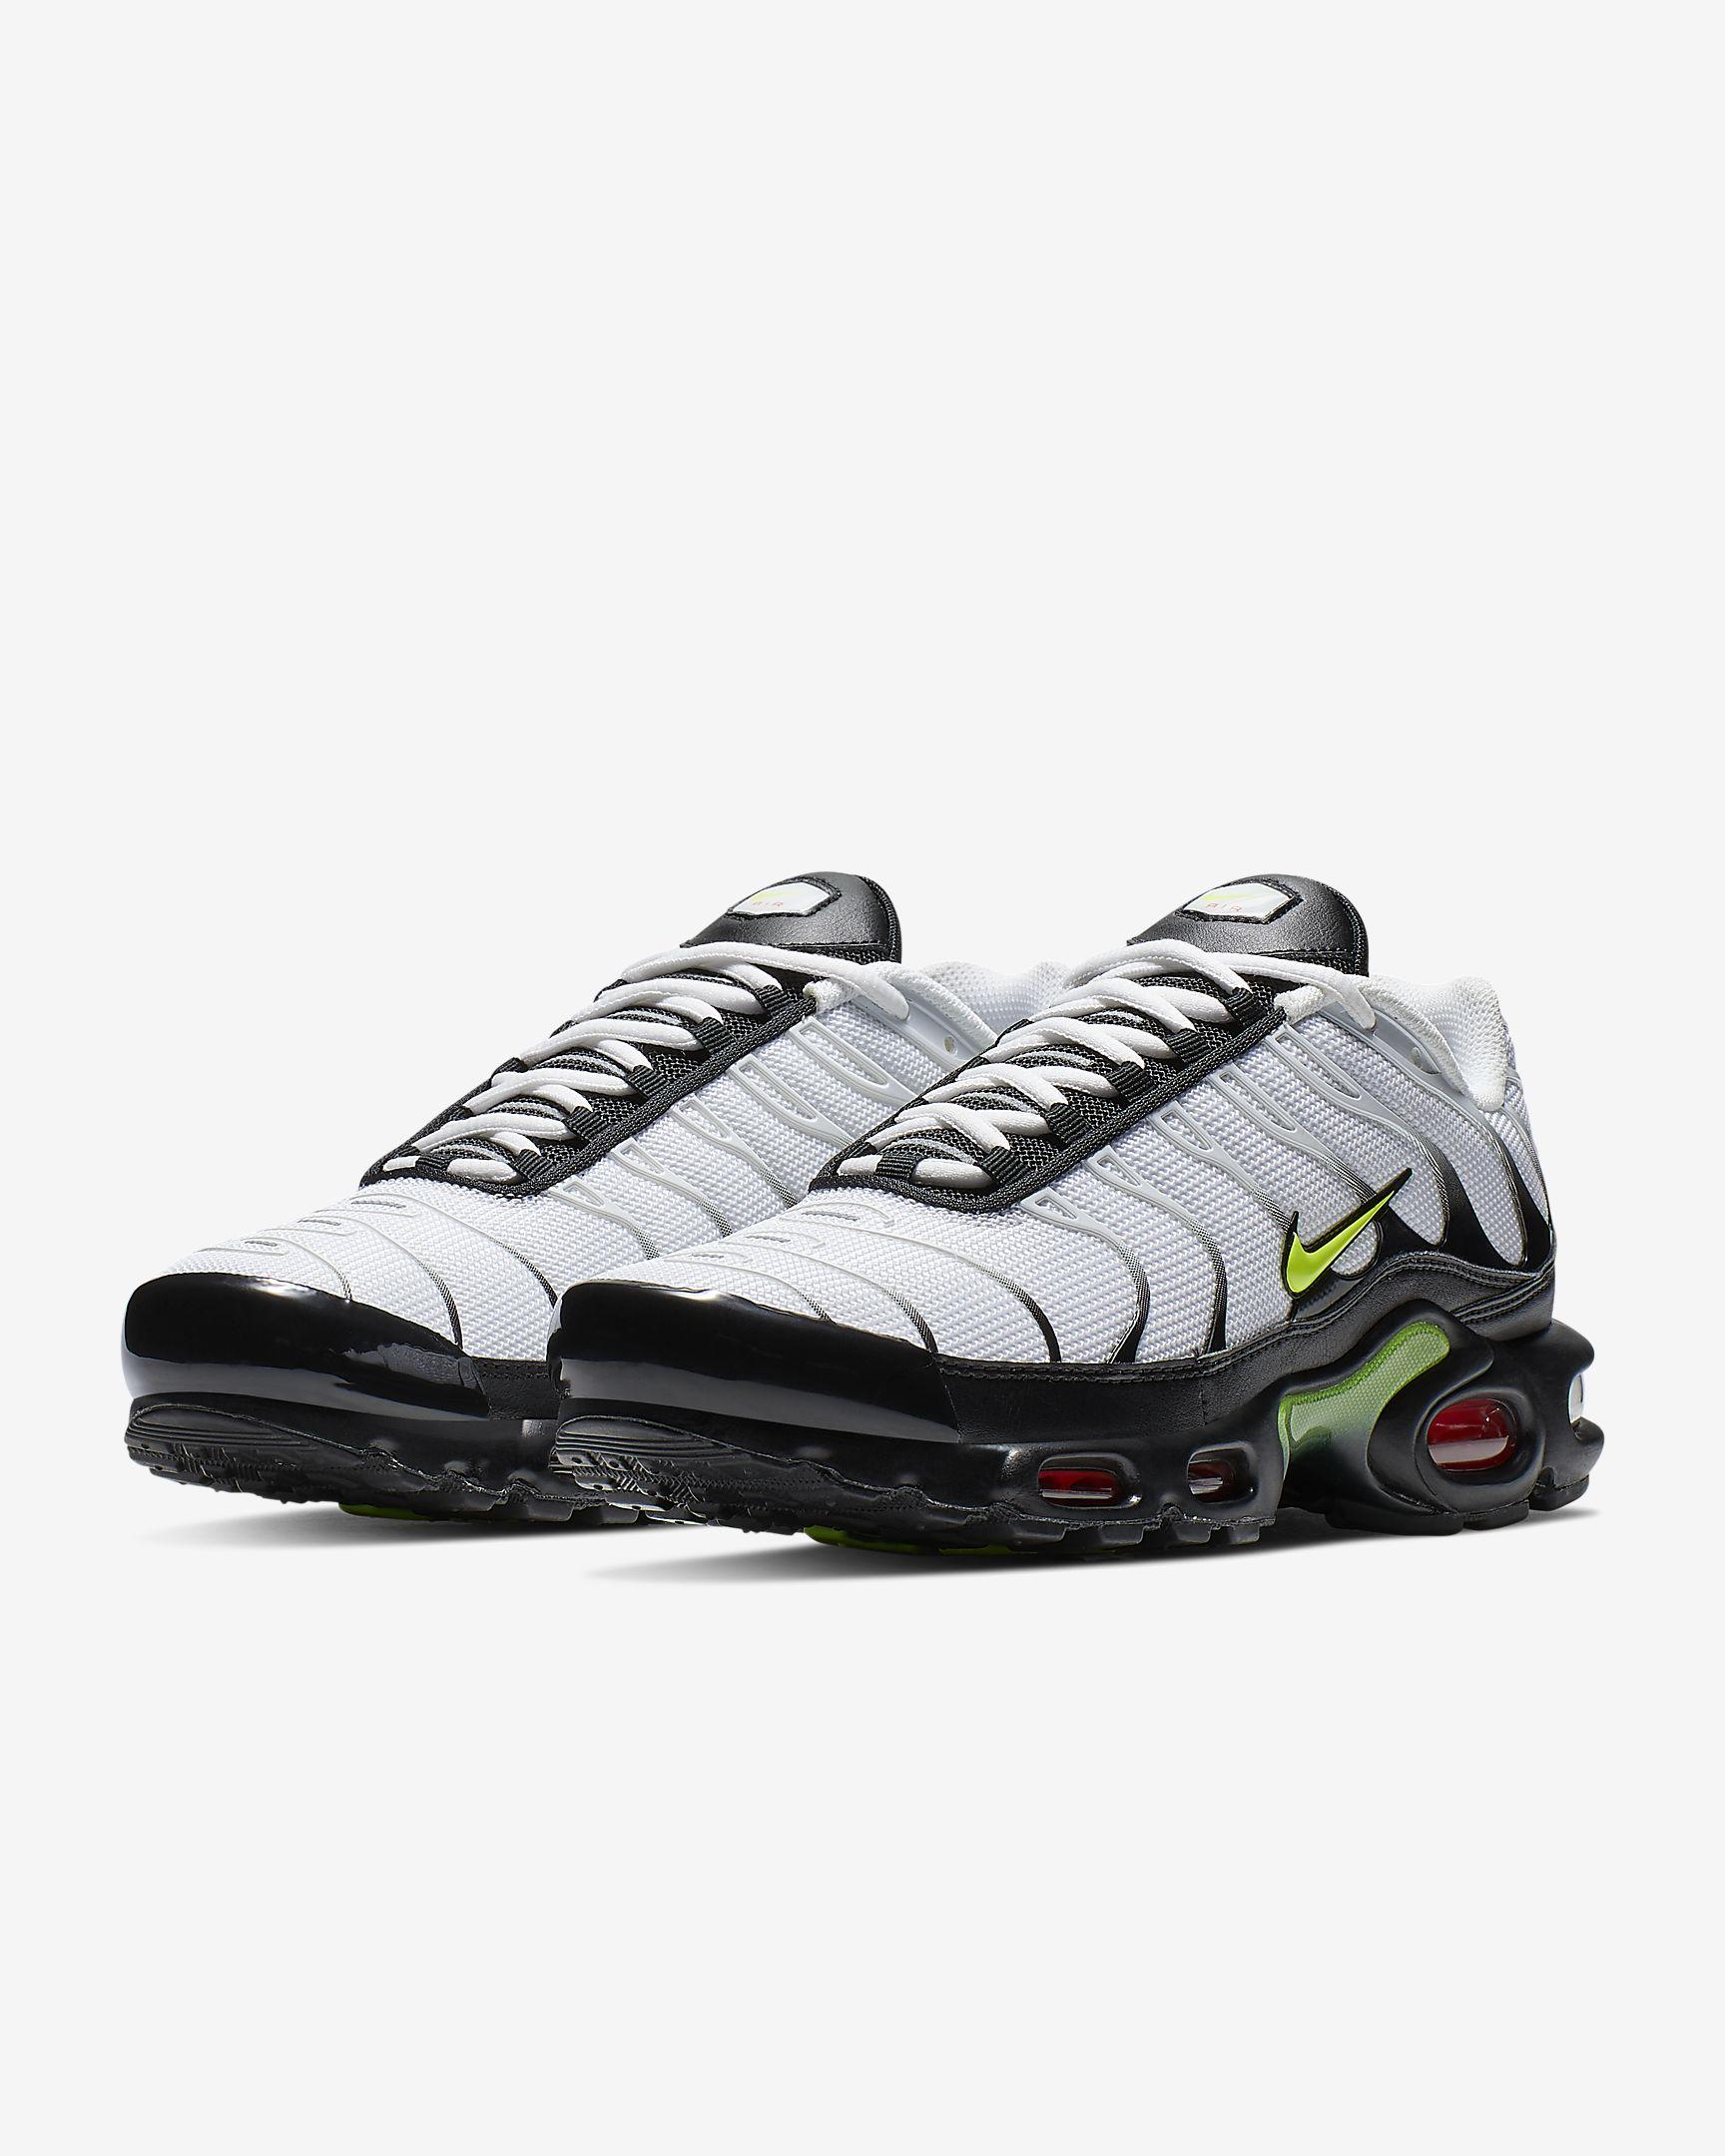 รองเท้า Nike 2019 | Nike Air Max Plus SE